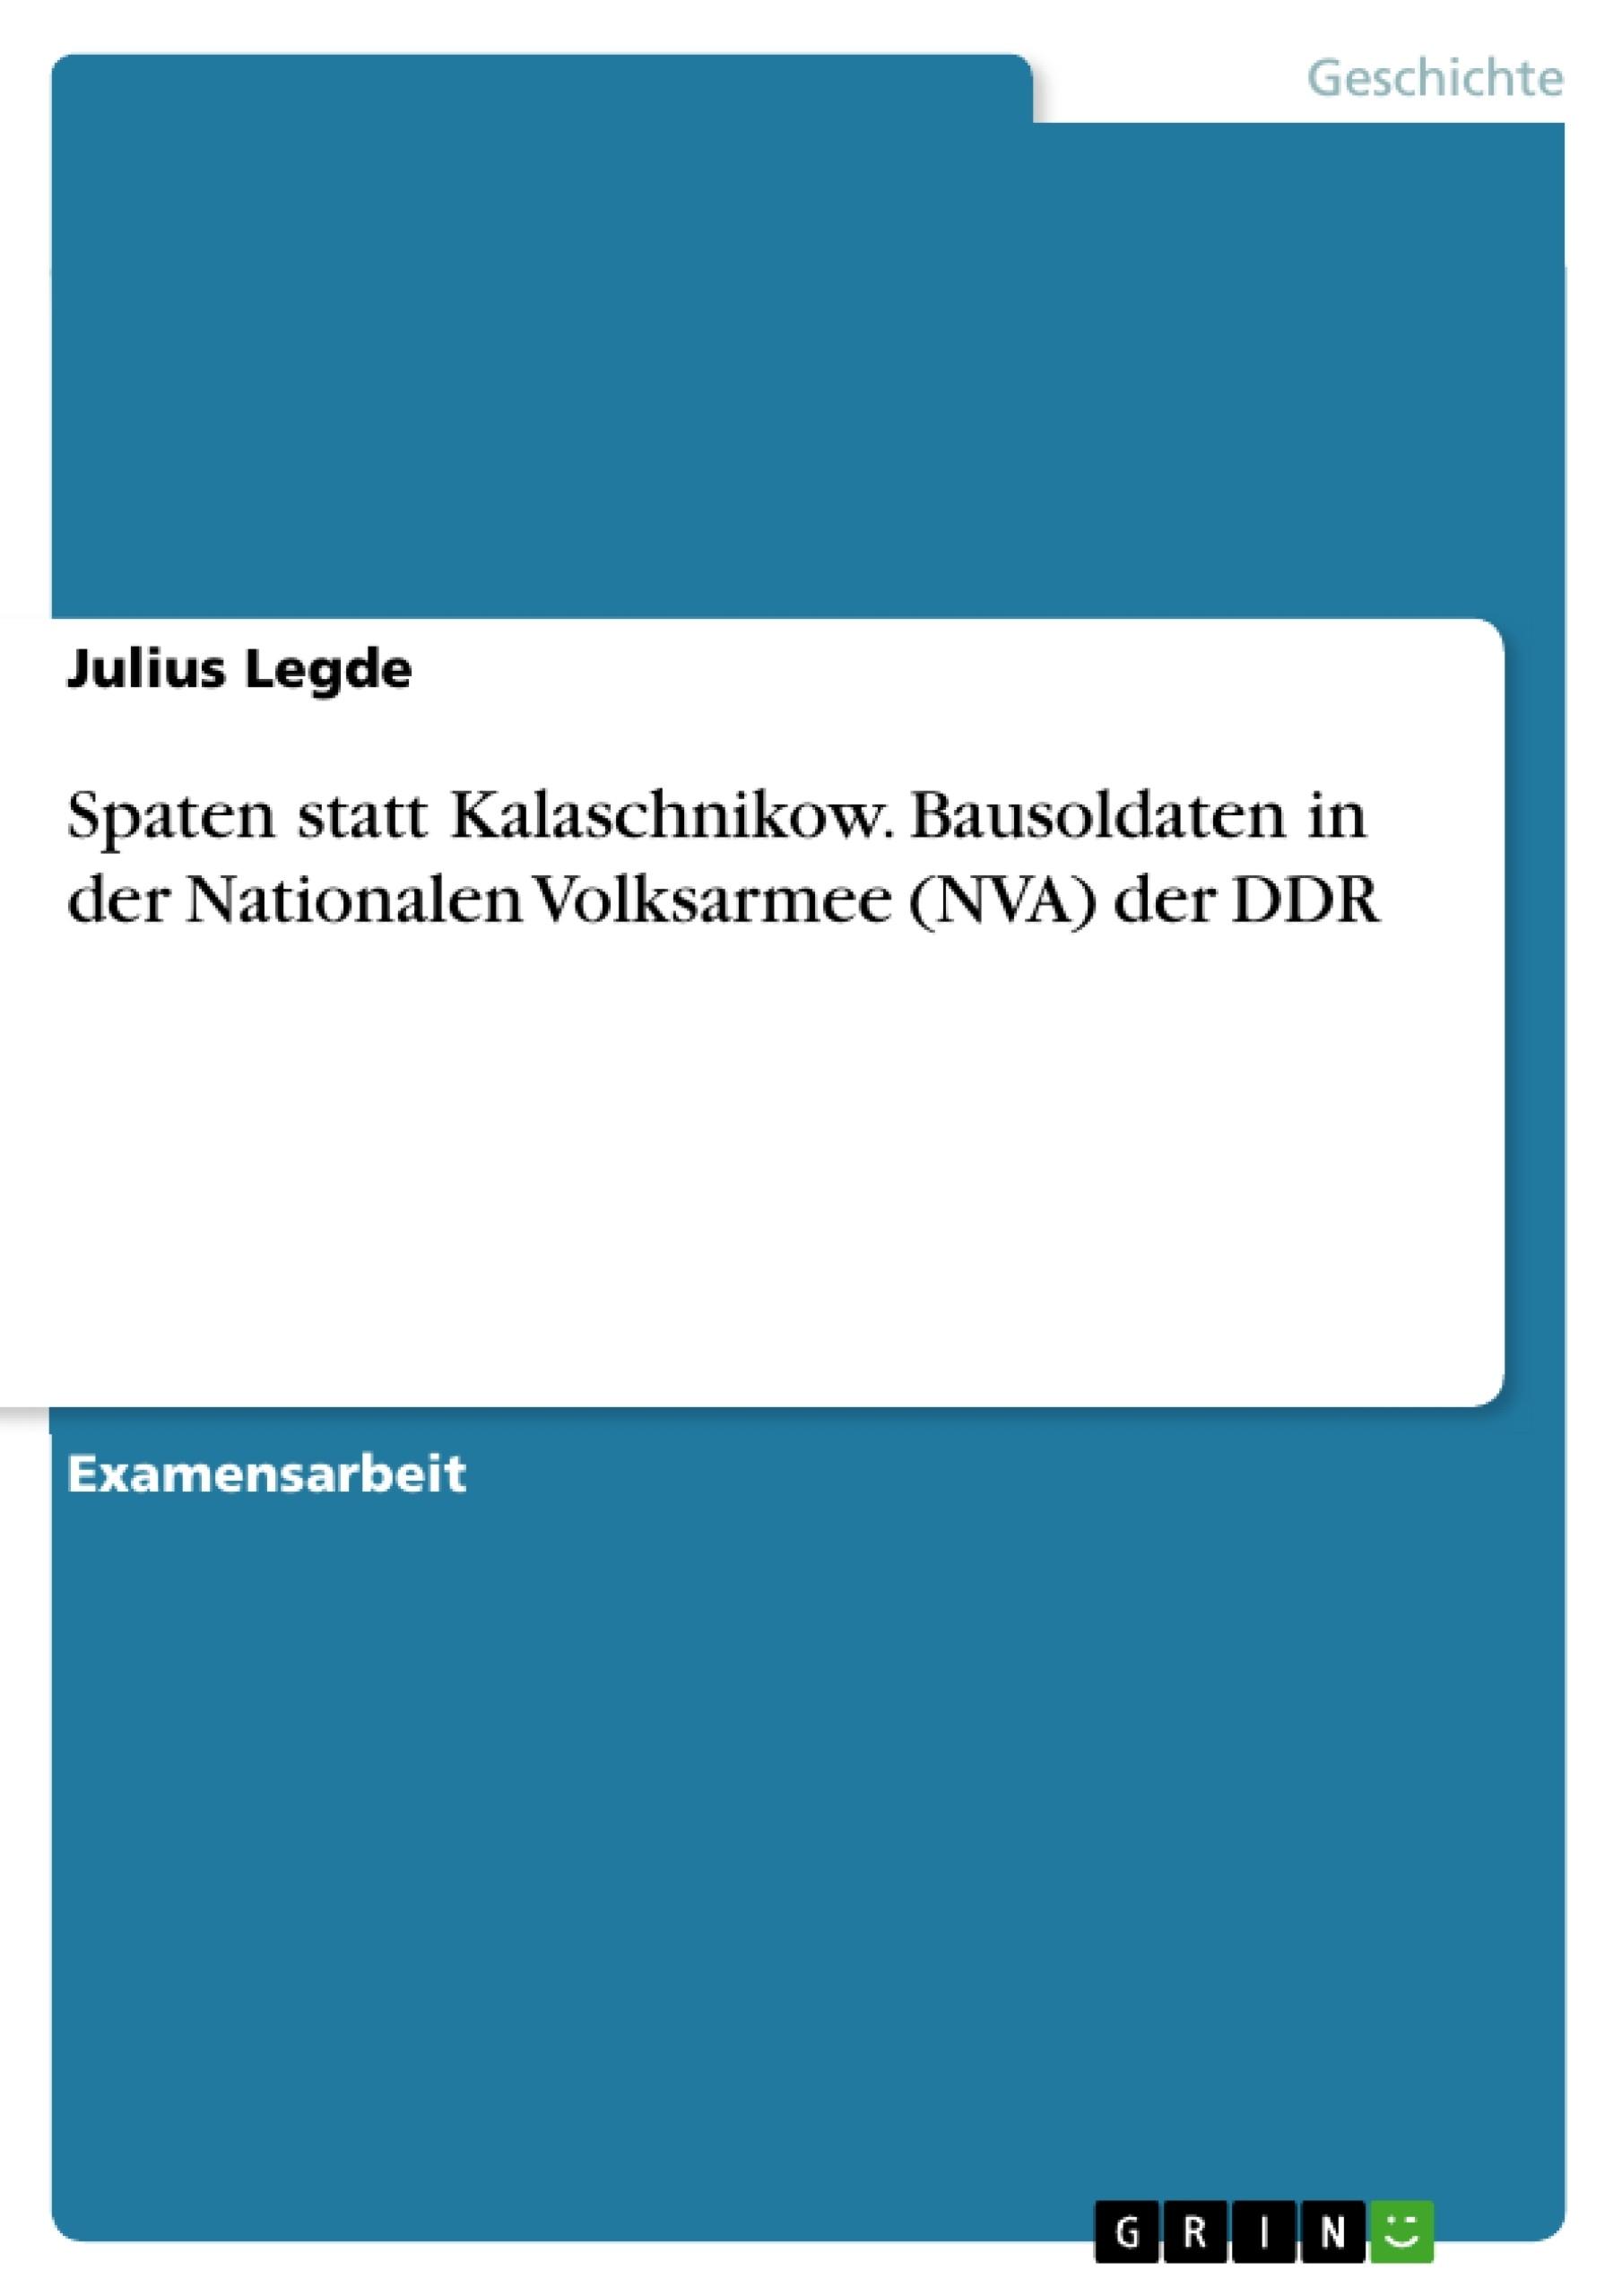 Titel: Spaten statt Kalaschnikow. Bausoldaten in der Nationalen Volksarmee (NVA) der DDR